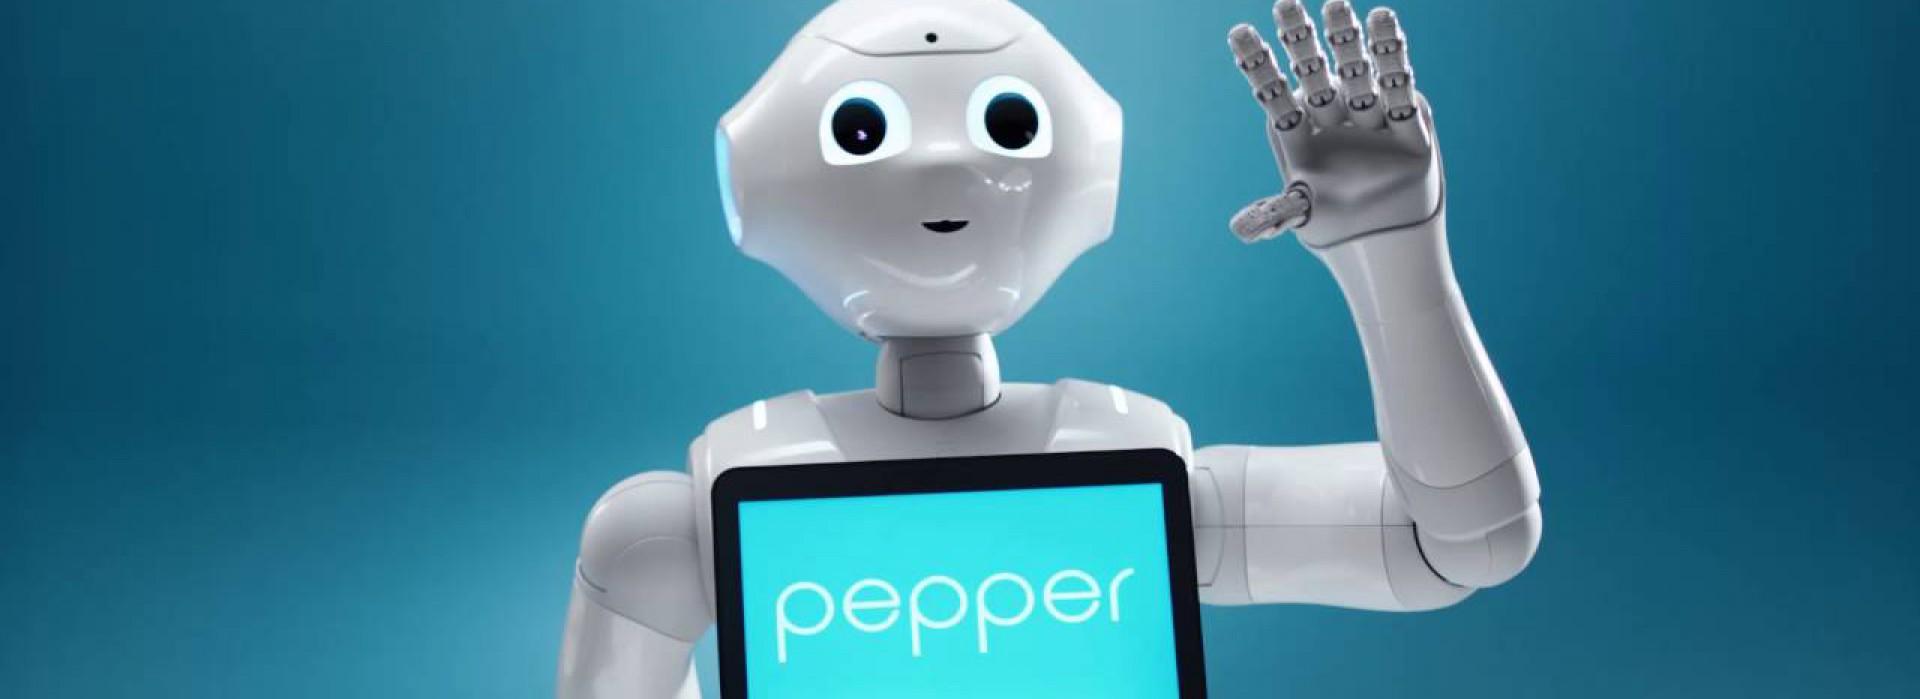 kā palaist tirdzniecības robotu